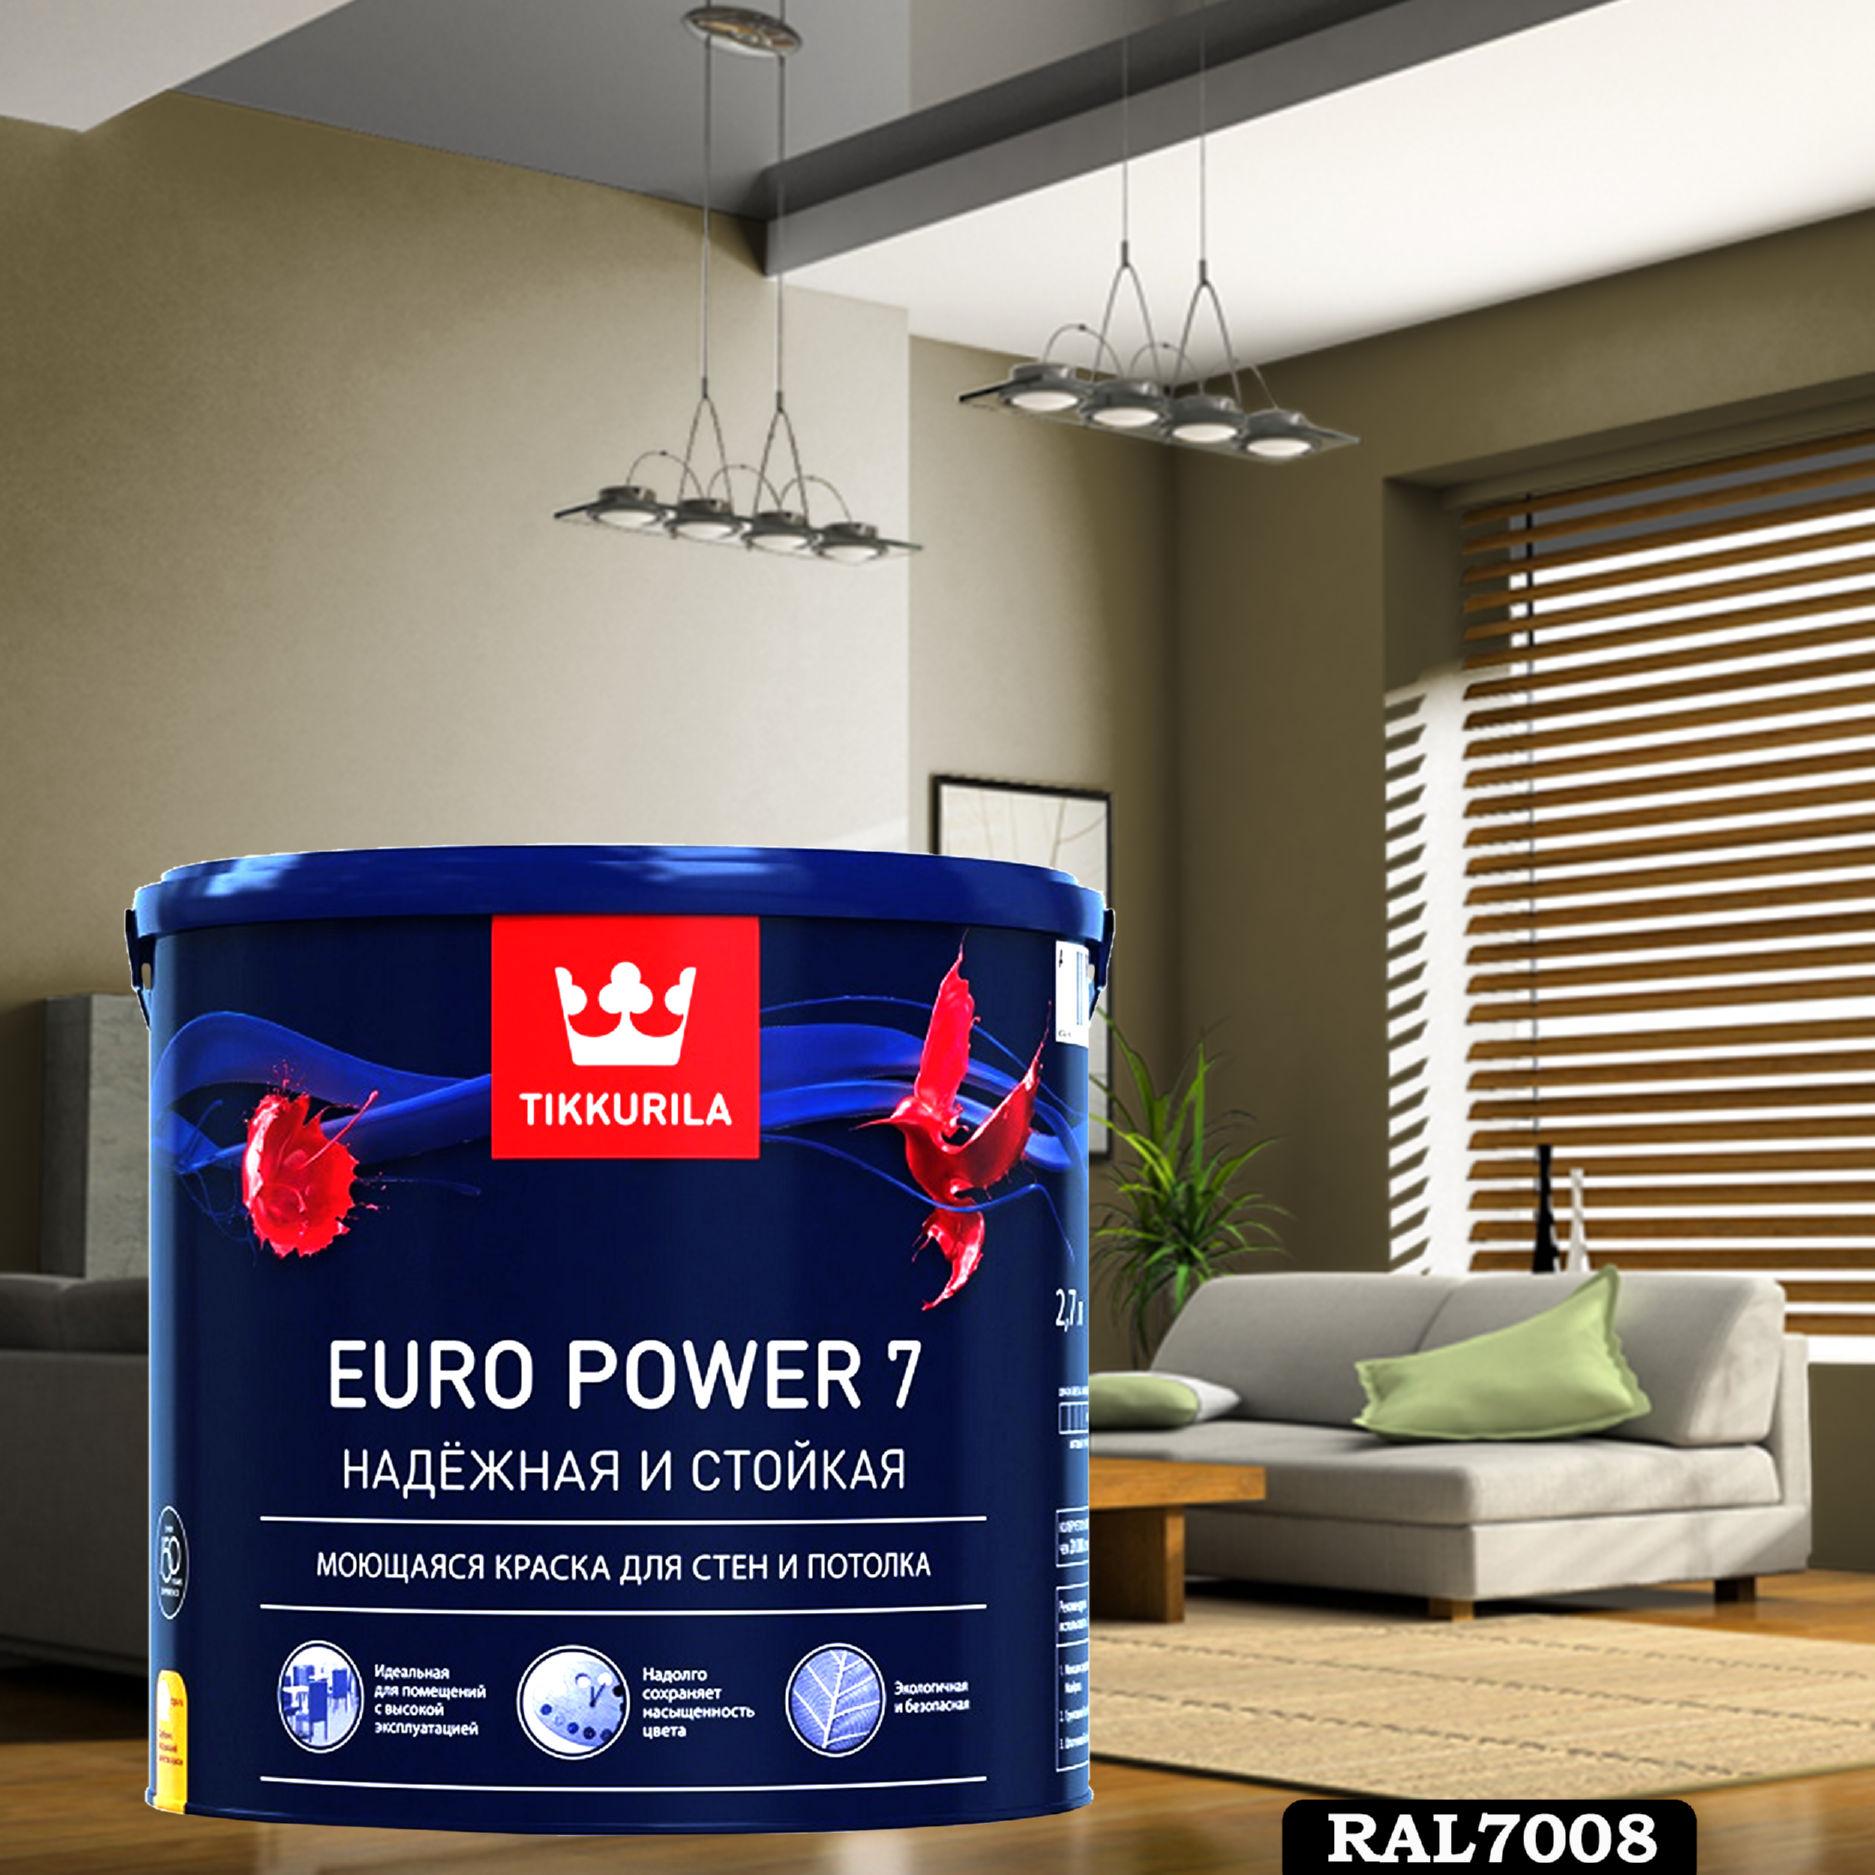 Фото 8 - Краска TIKKURILA Euro Power 7,  RAL 7008 Серое-хаки, латексная моющаяся матовая интерьерная, 9 л.